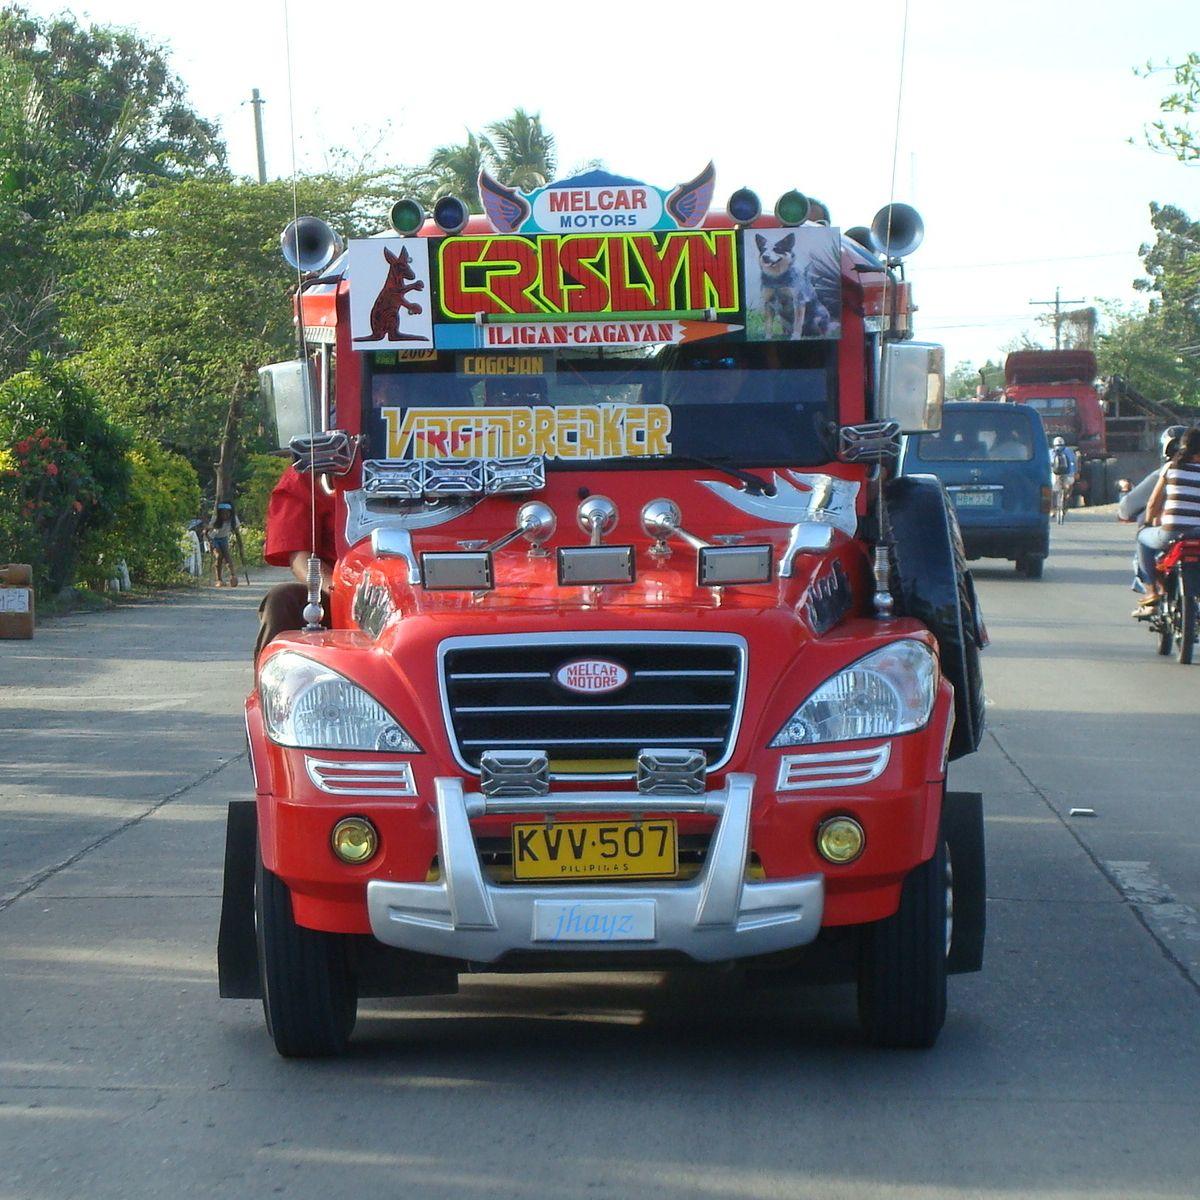 Cagayan De Oro Jeepney Designs Cagayan De Oro Jeepney Cagayan